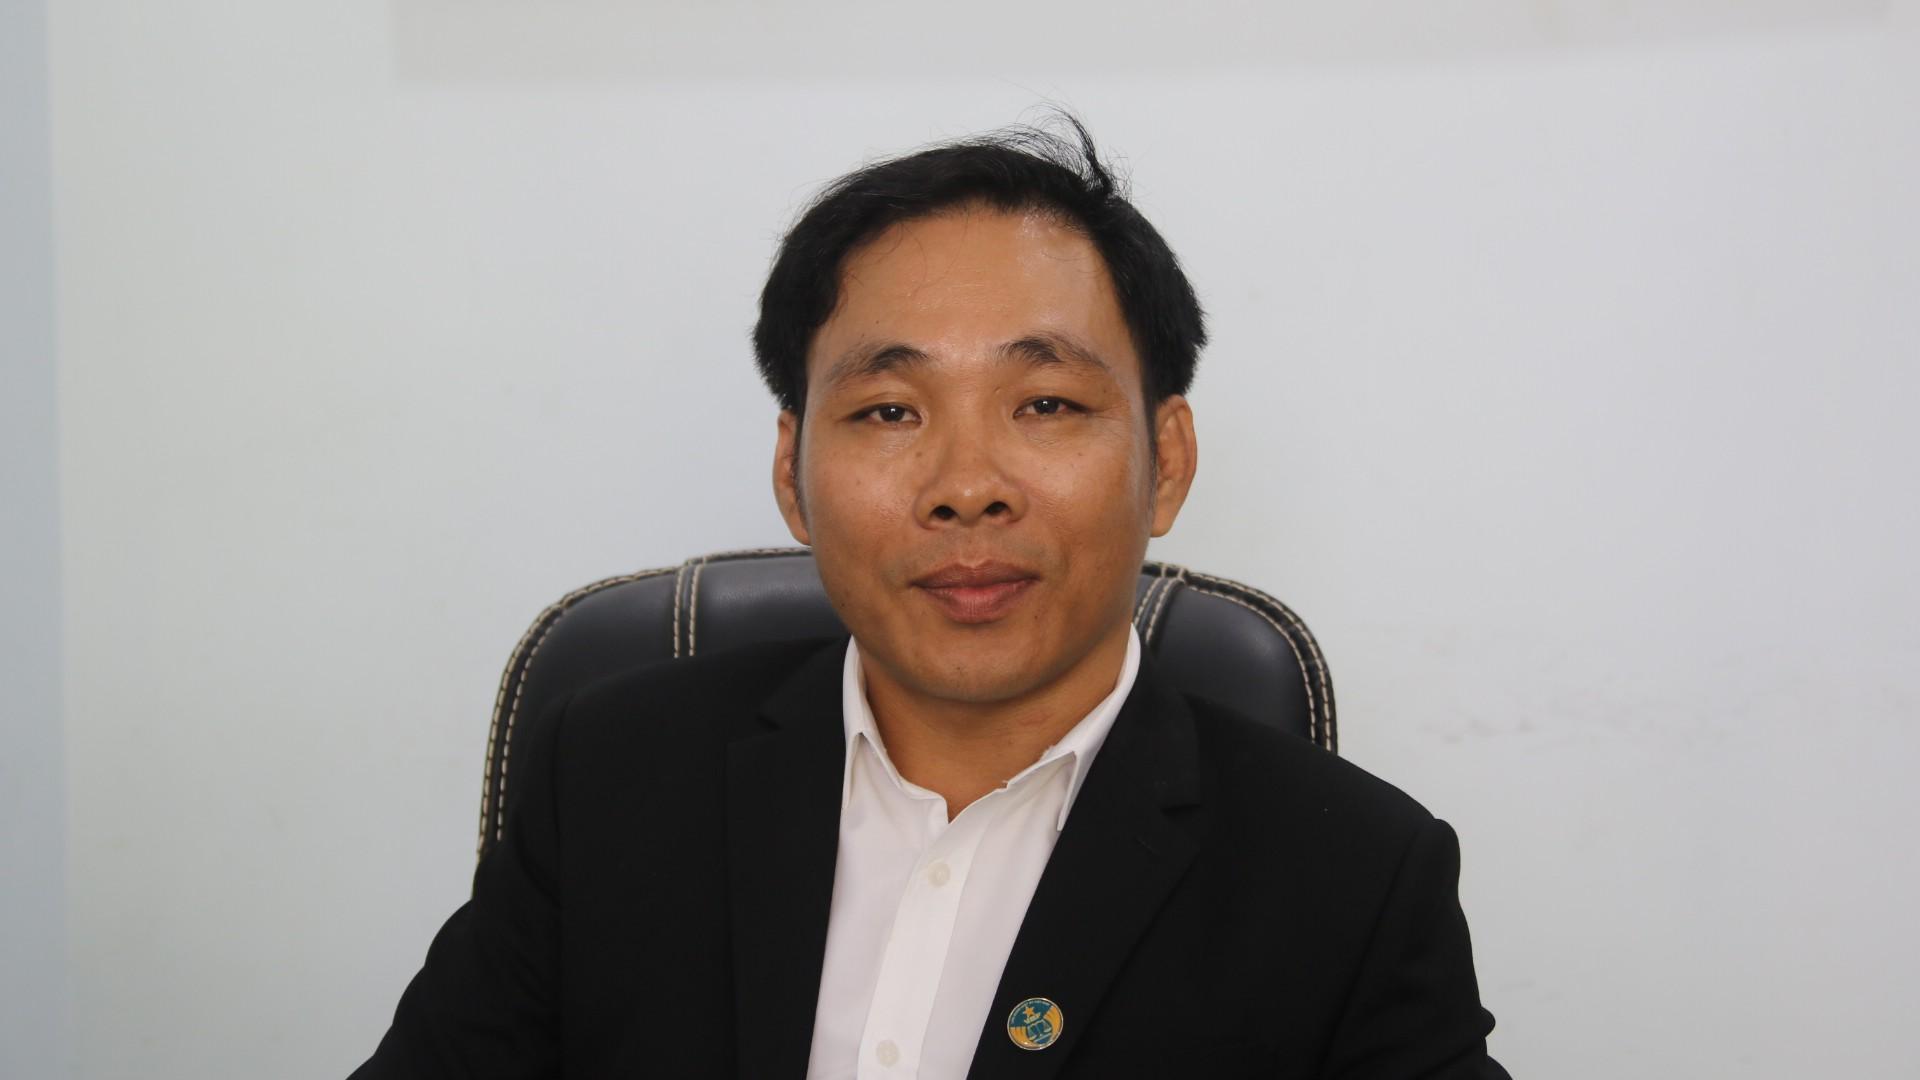 Luật sư nói về việc trả hồ sơ điều tra bổ sung đối với ông Nguyễn Hữu Linh.